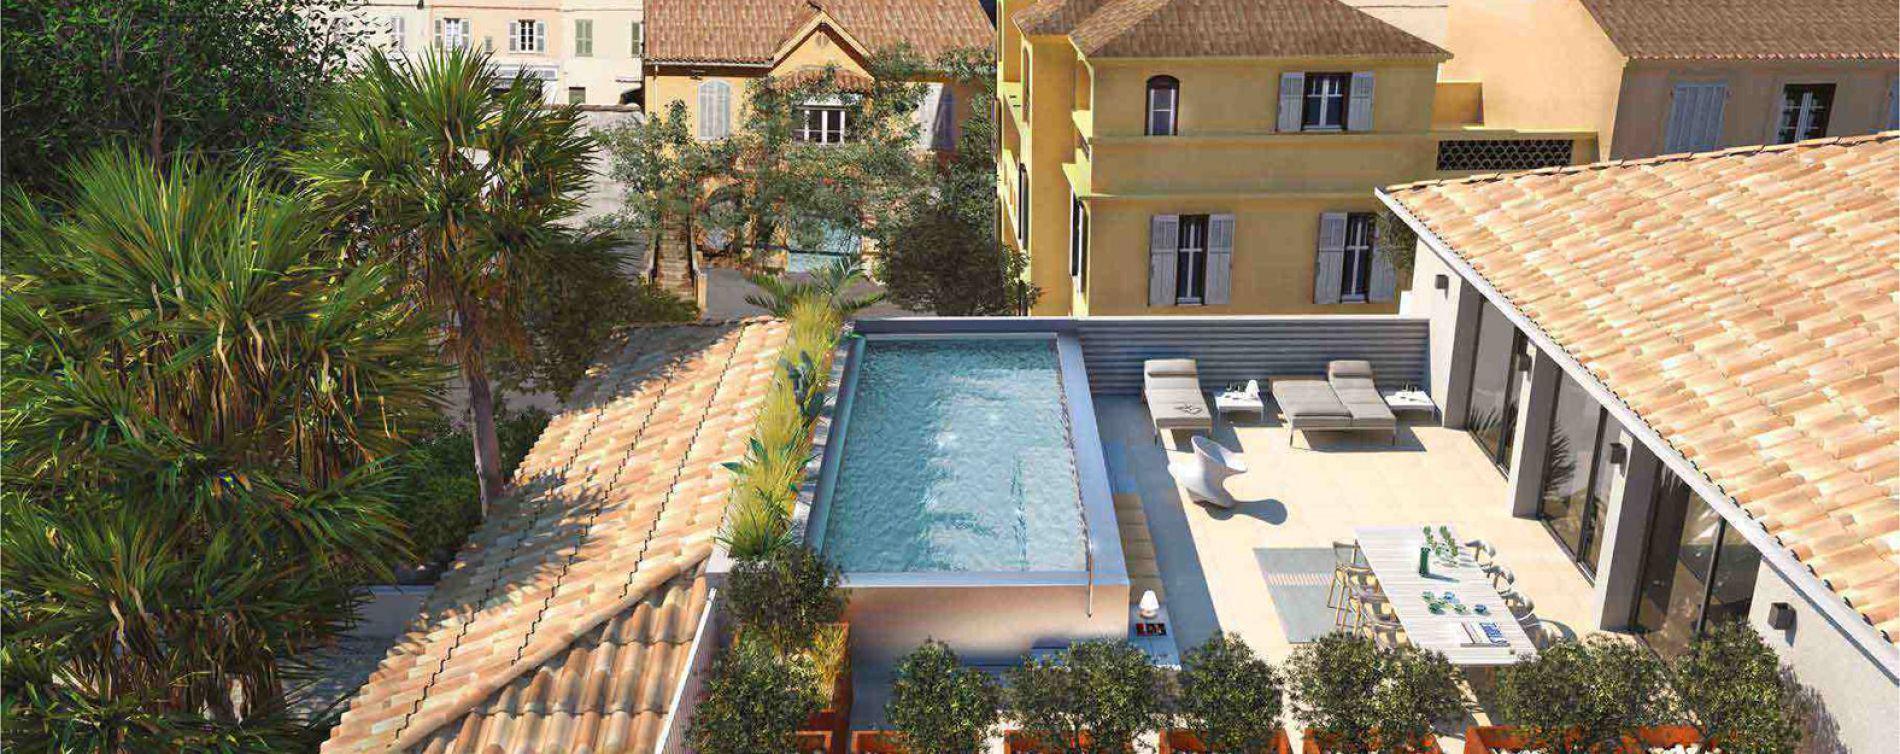 Résidence Breeze à Saint-Tropez